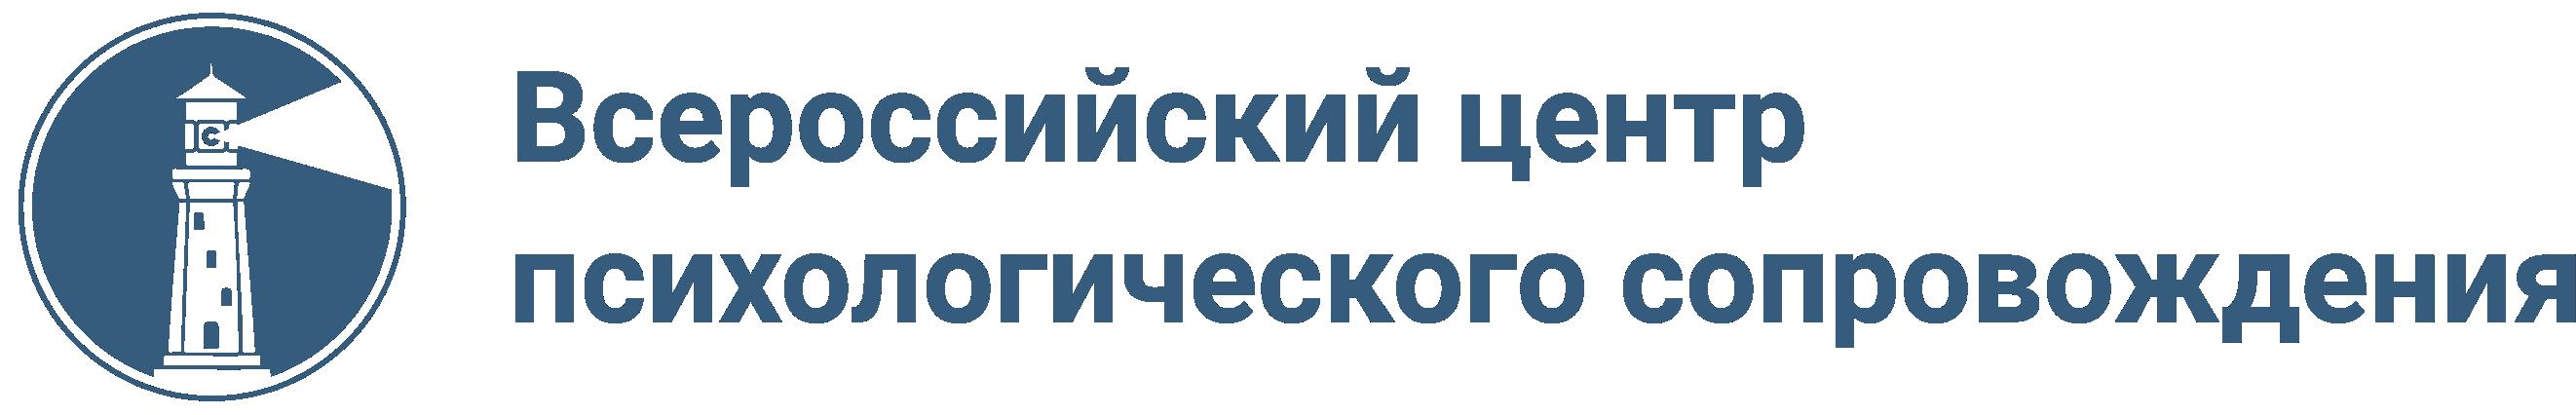 Всероссийский центр психологического сопровождения